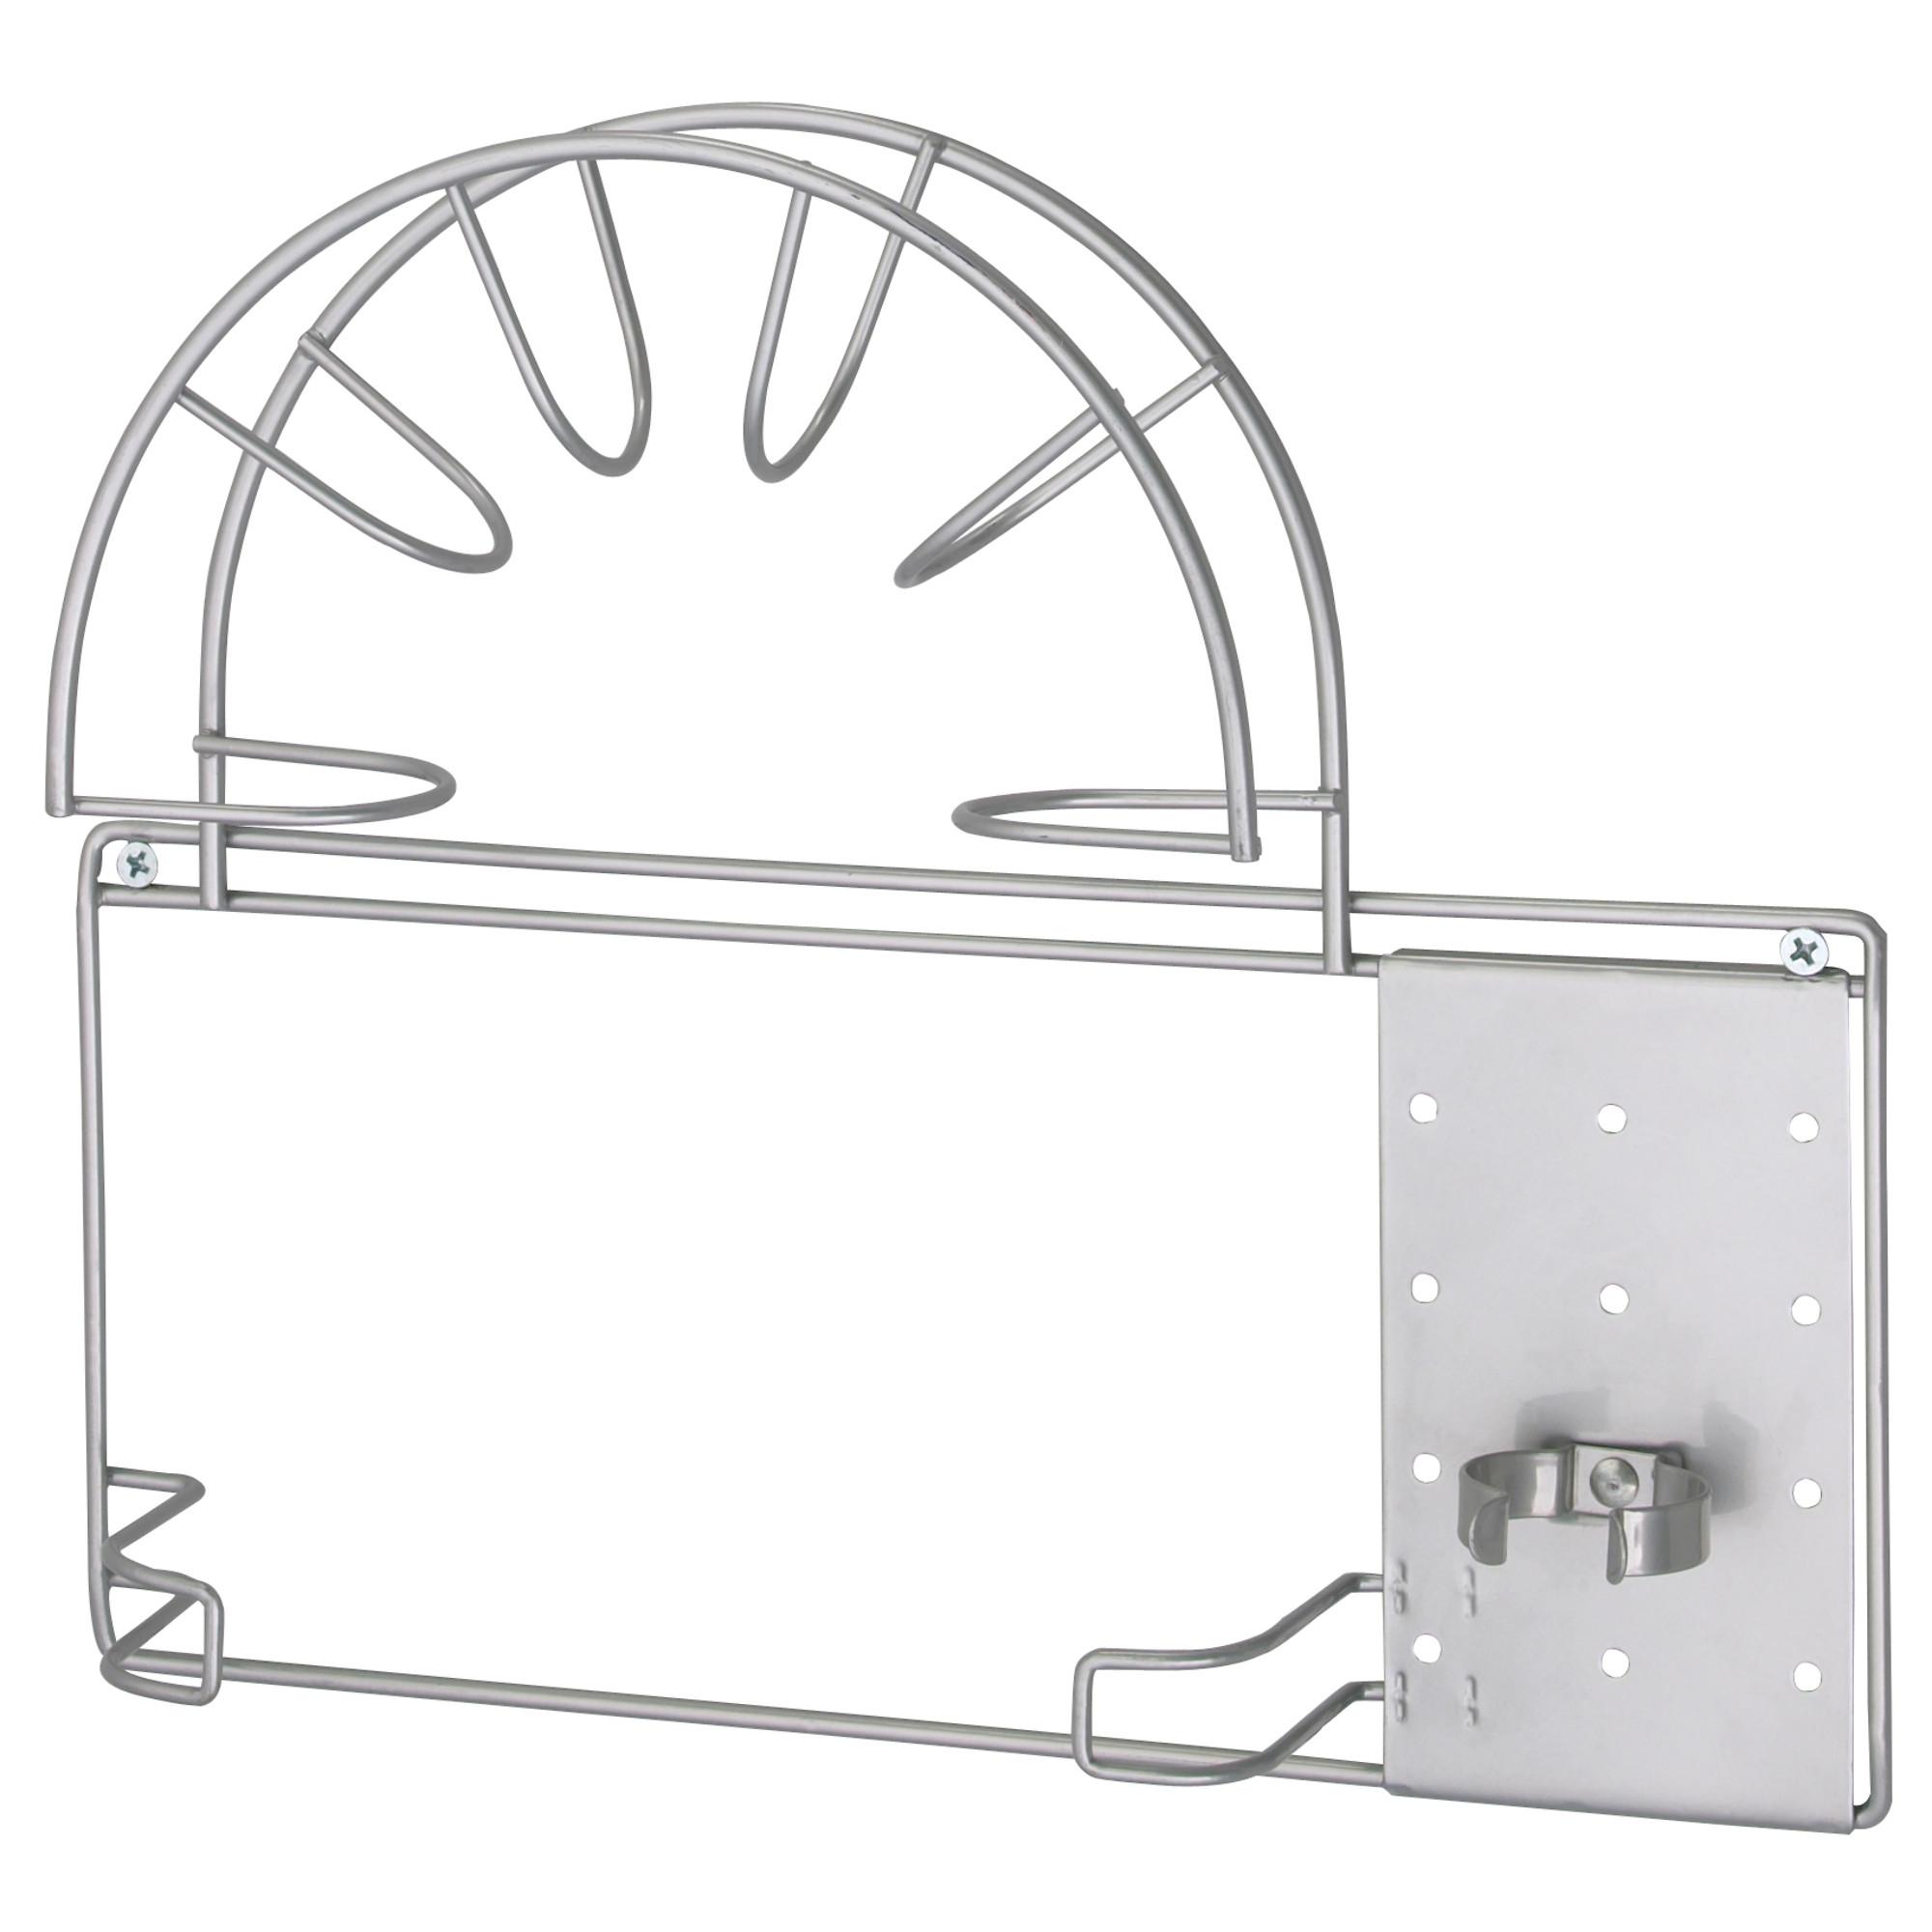 Rationell variera soporte para tubo de aspiradora - Ikea tenerife productos ...